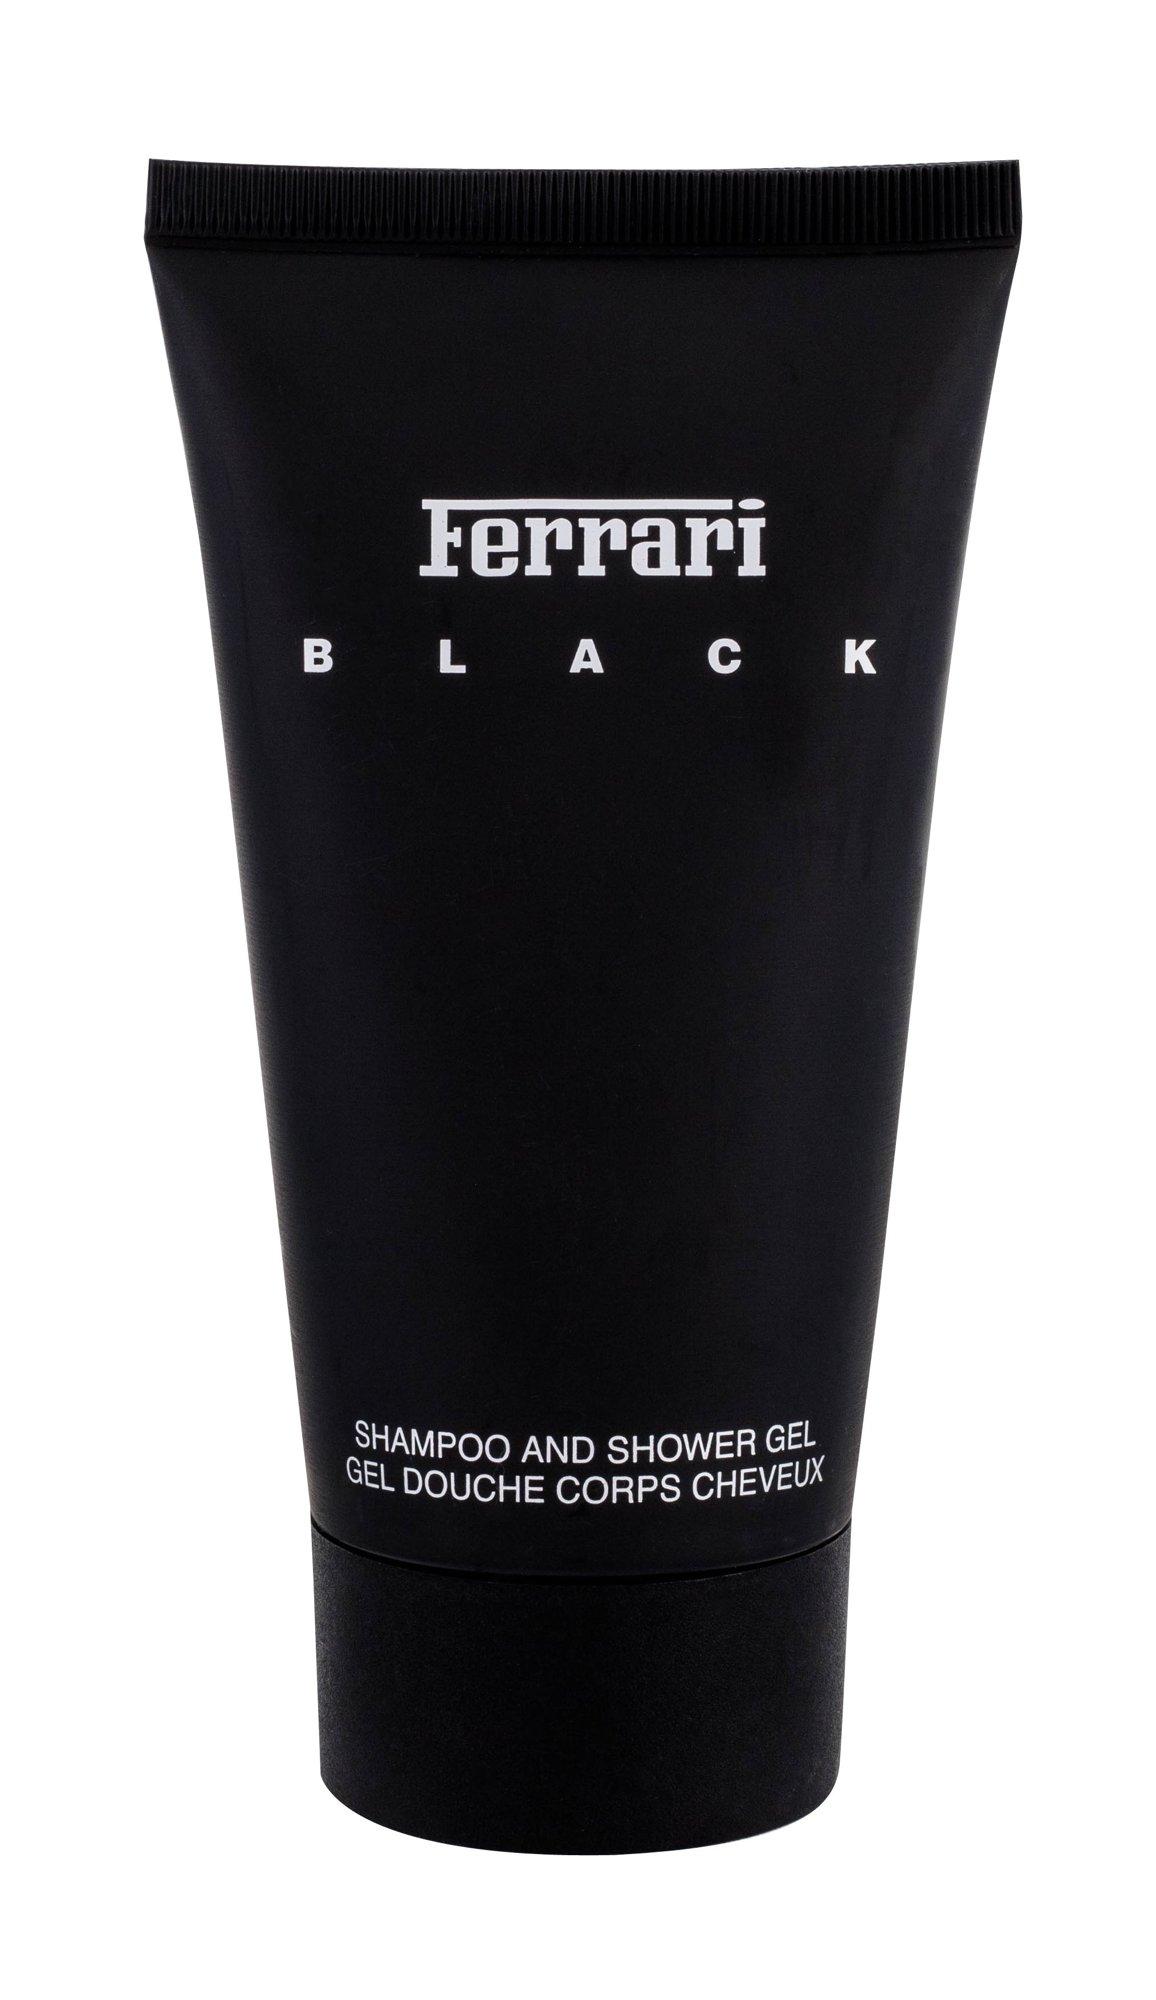 Higienos priemonė Ferrari Black Line